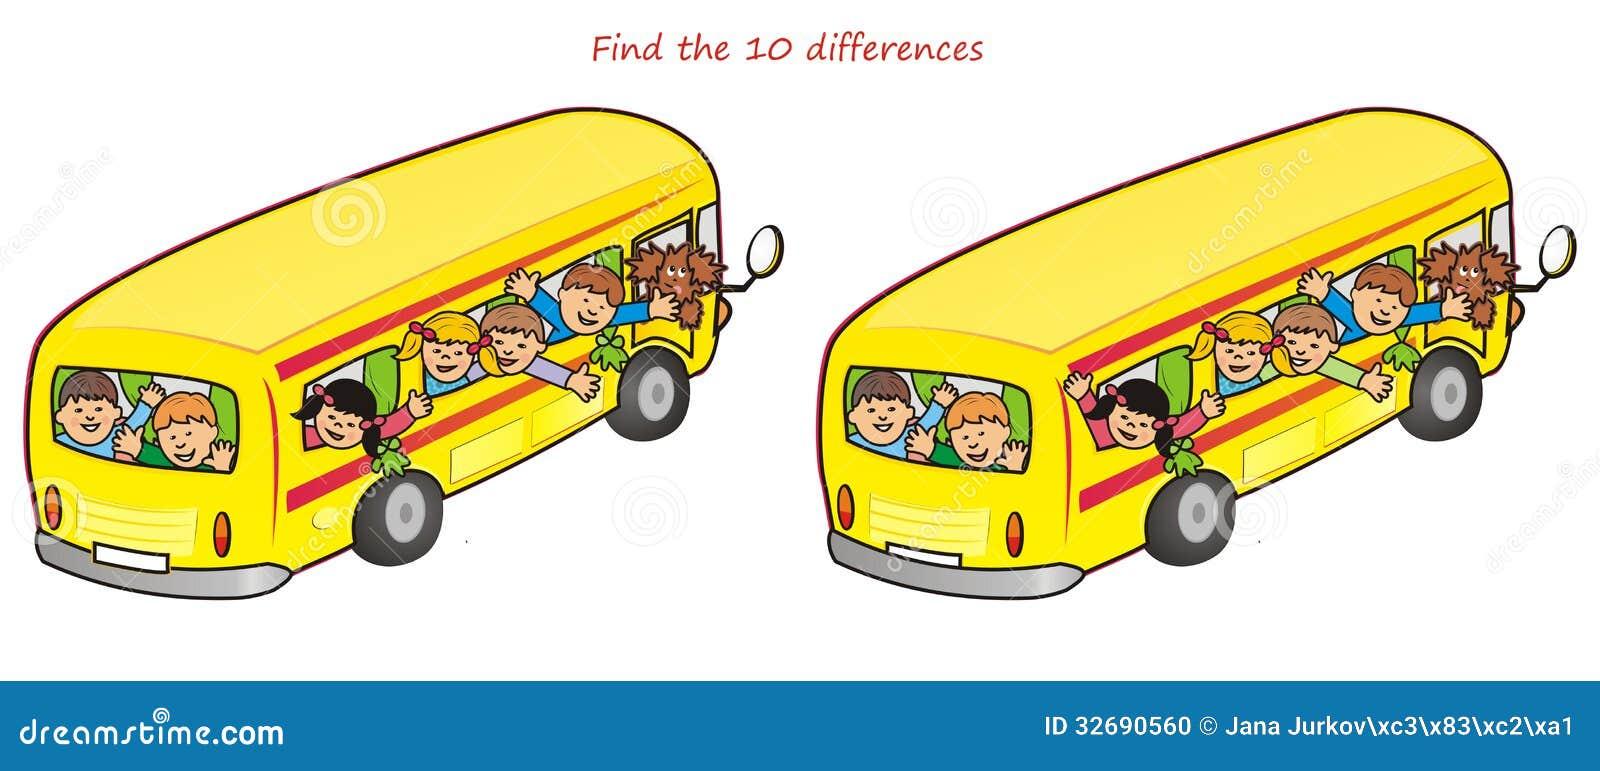 bus und unterschiede children 10 stockfoto bild 32690560. Black Bedroom Furniture Sets. Home Design Ideas